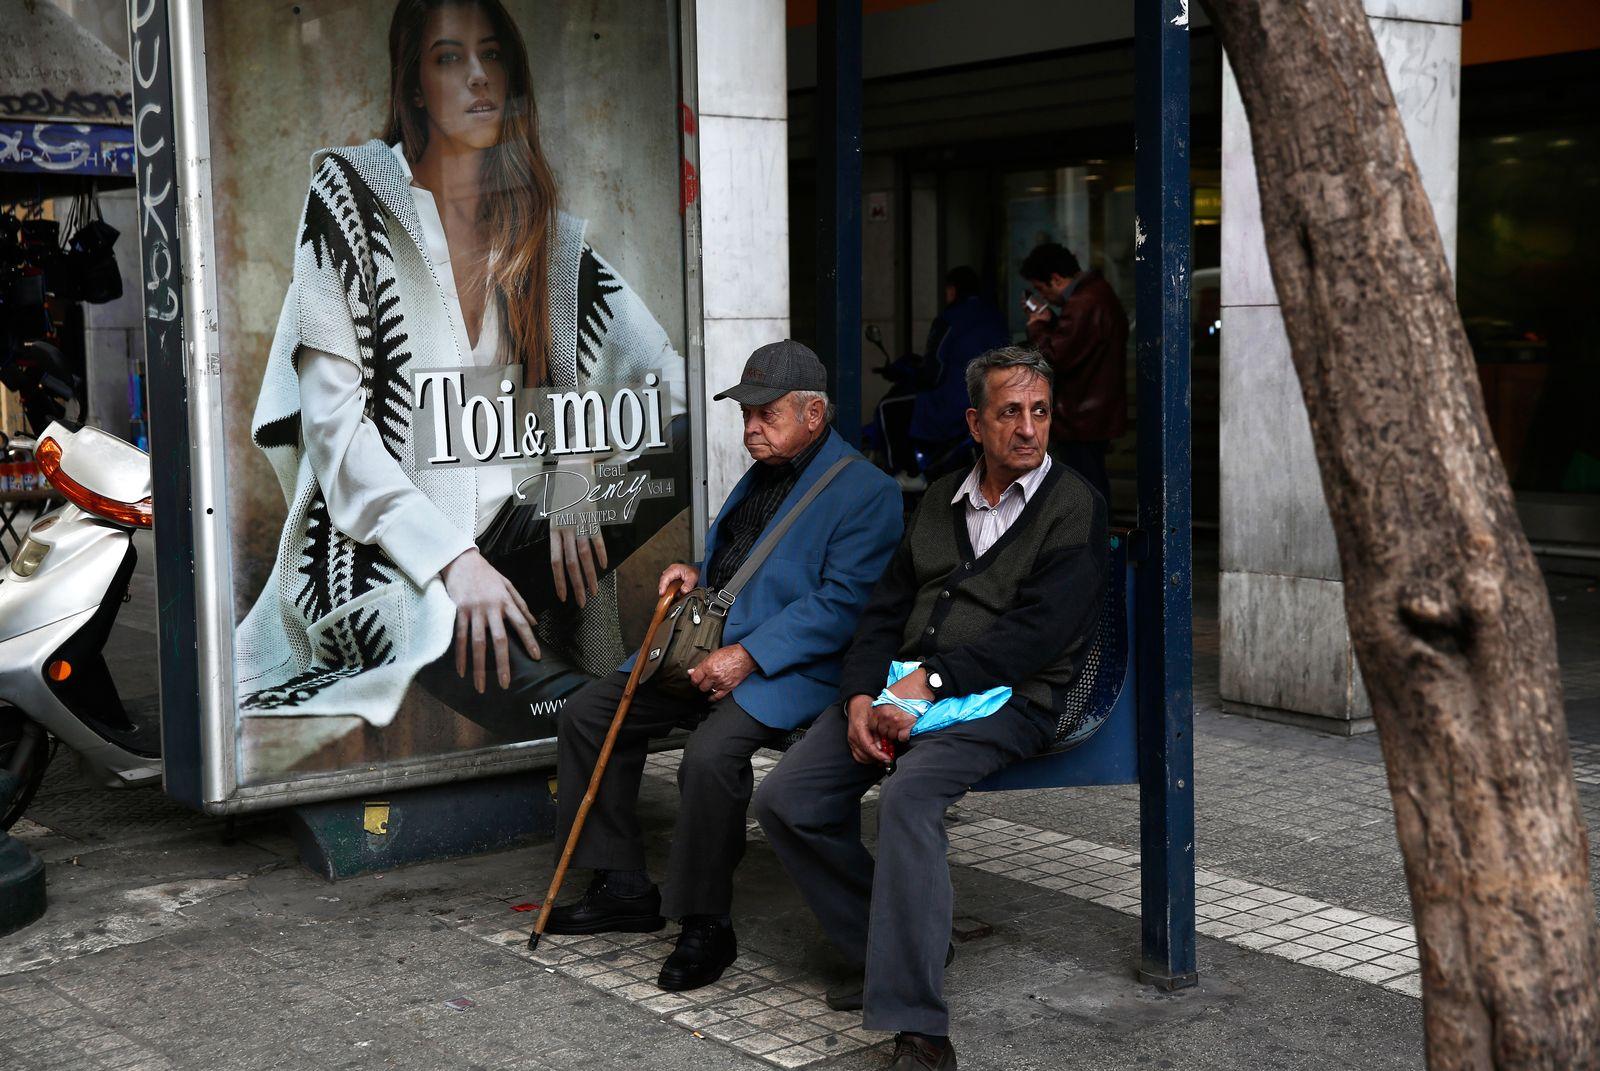 Griechenland / Menschen / Cafe / Alte Menschen / Rentner / Rente